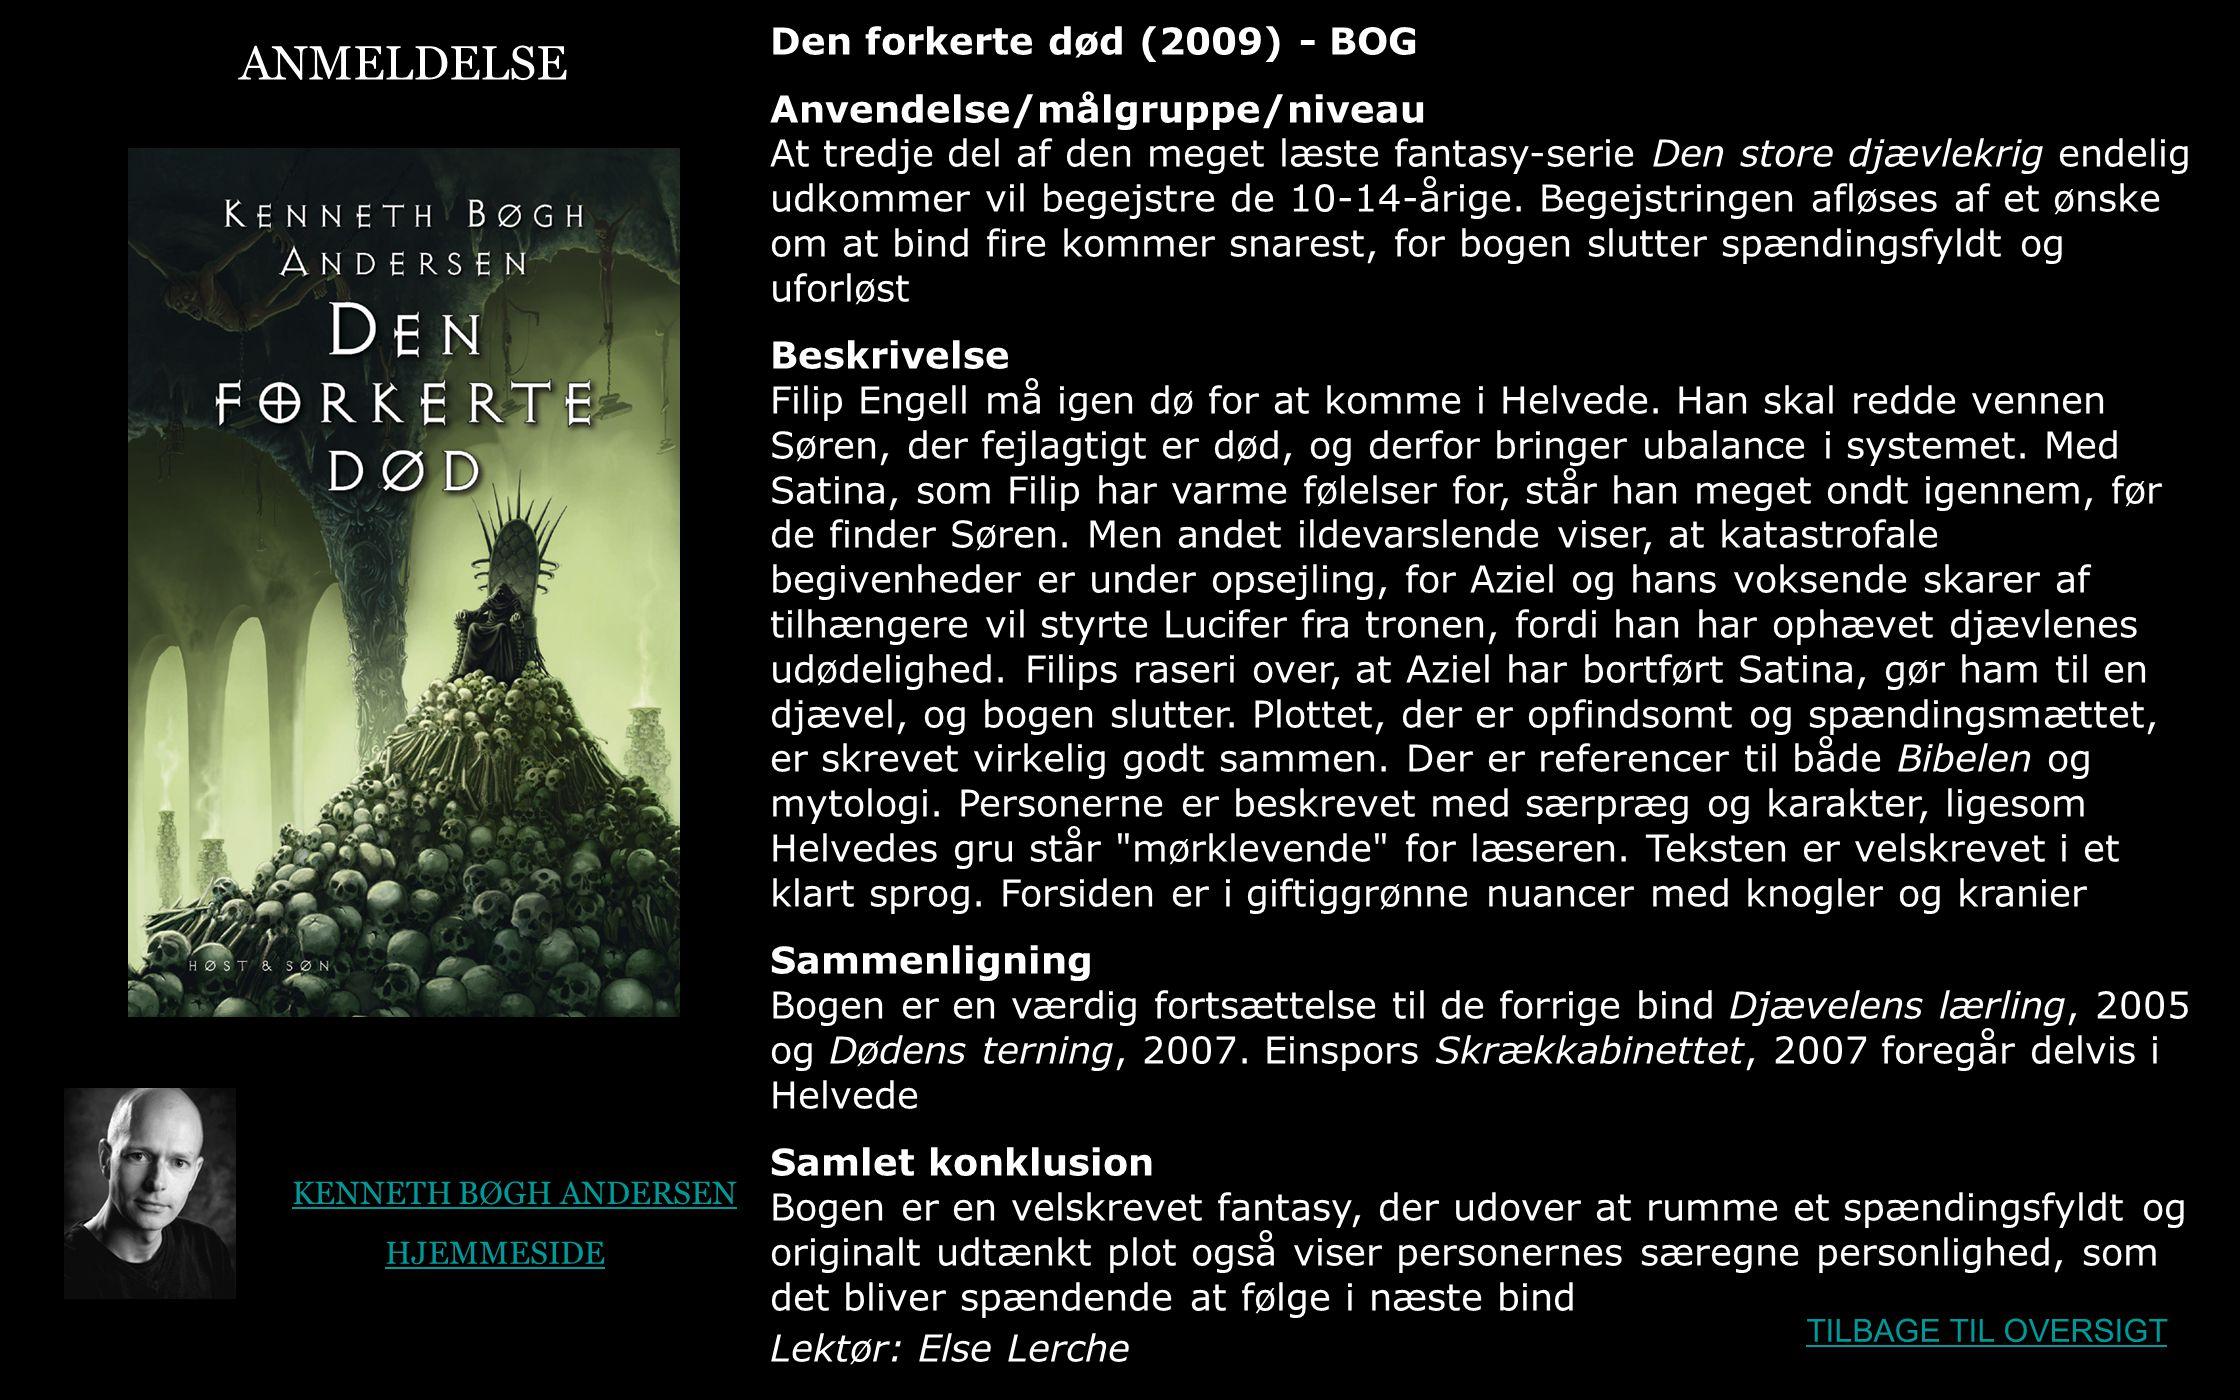 ANMELDELSE Den forkerte død (2009) - BOG